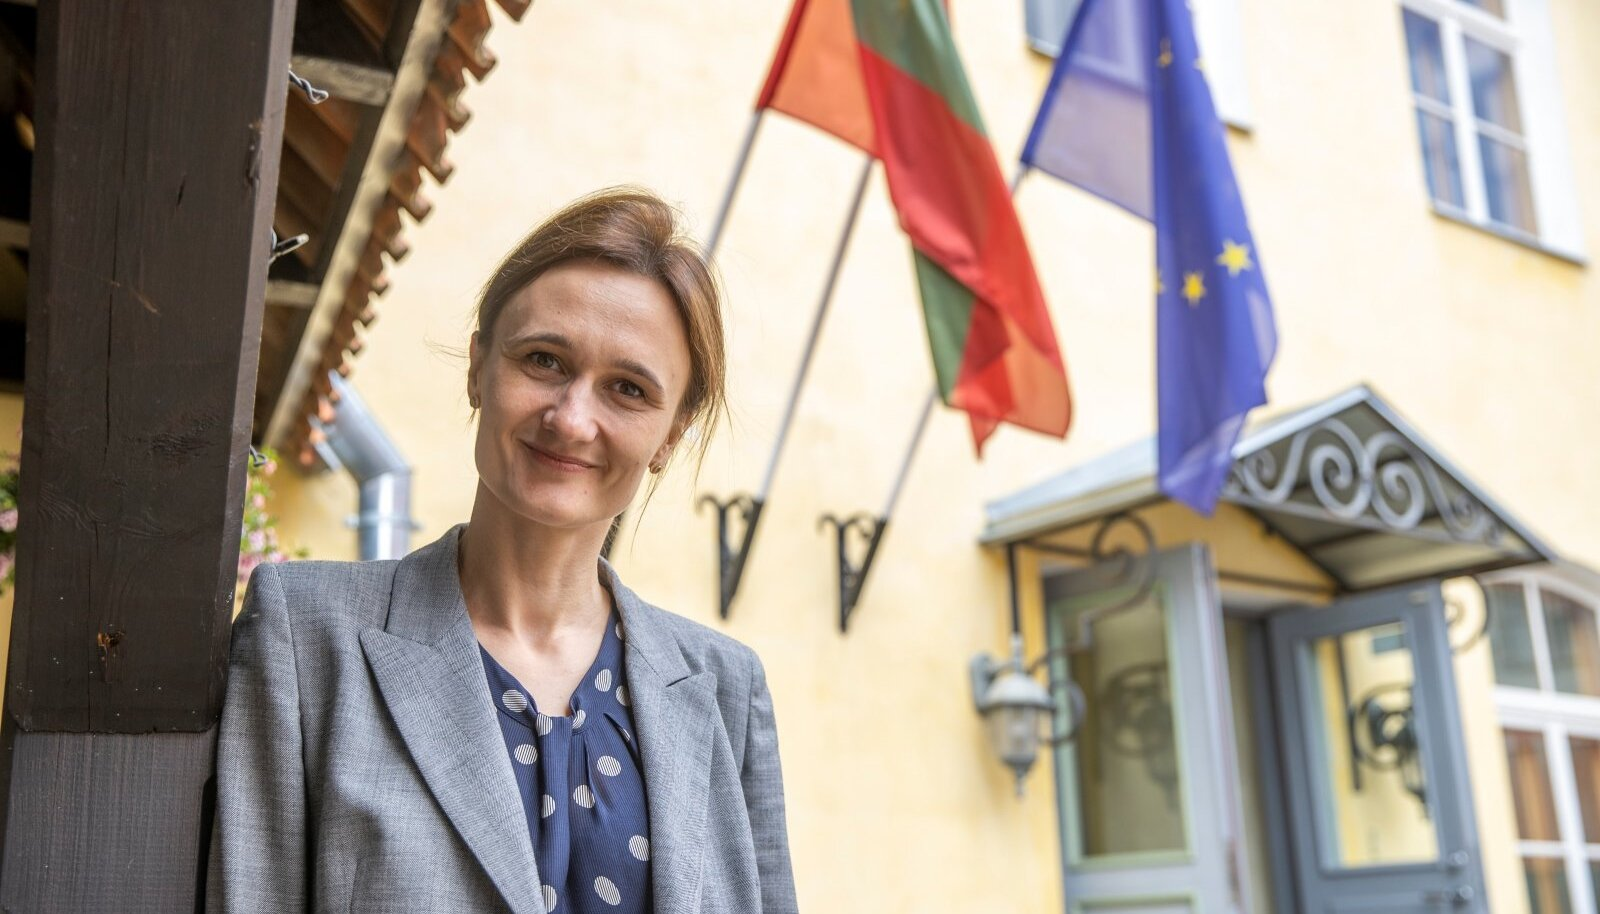 Leedu parlamendi esimees Viktorija Čmilytė-Nielsen, kes on muide males rahvusvaheline suurmeister, liitus seimiga 2015. aastal.